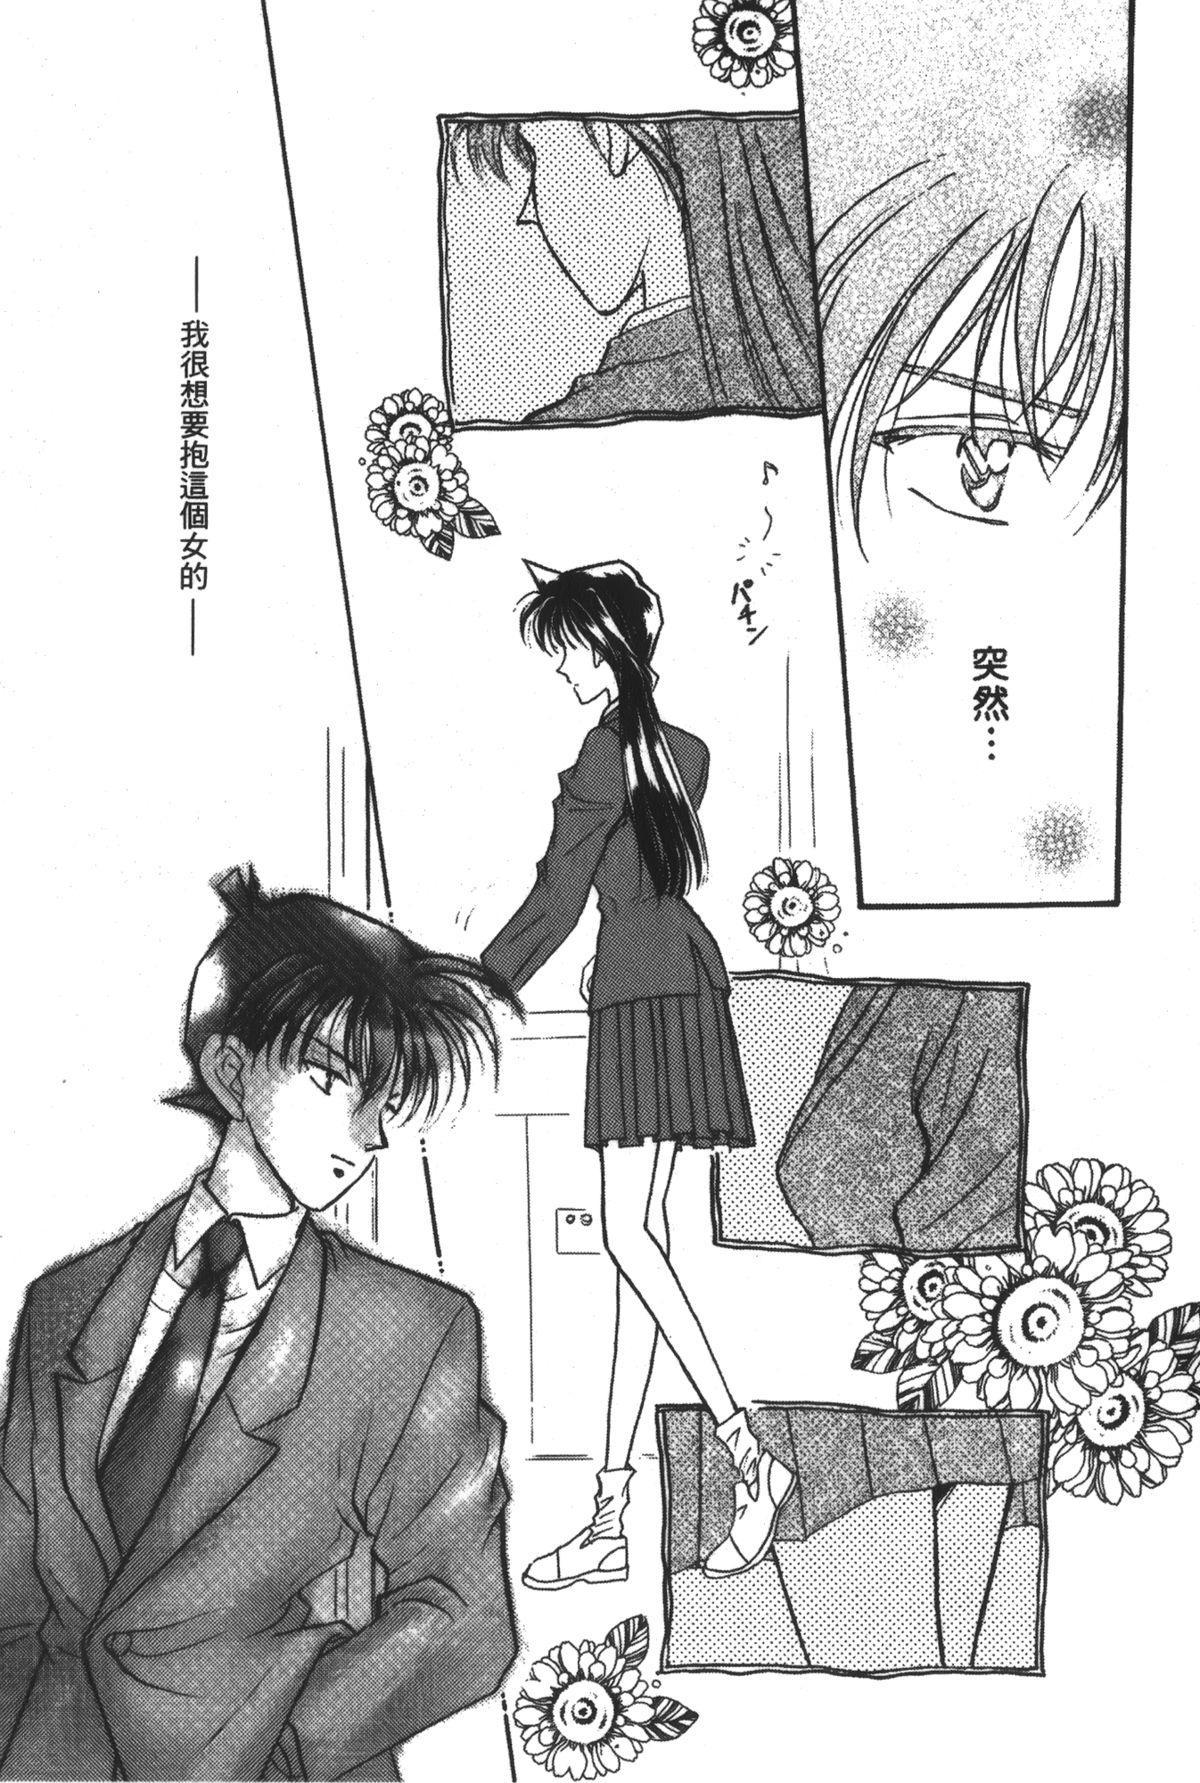 Detective Assistant Vol. 14 53